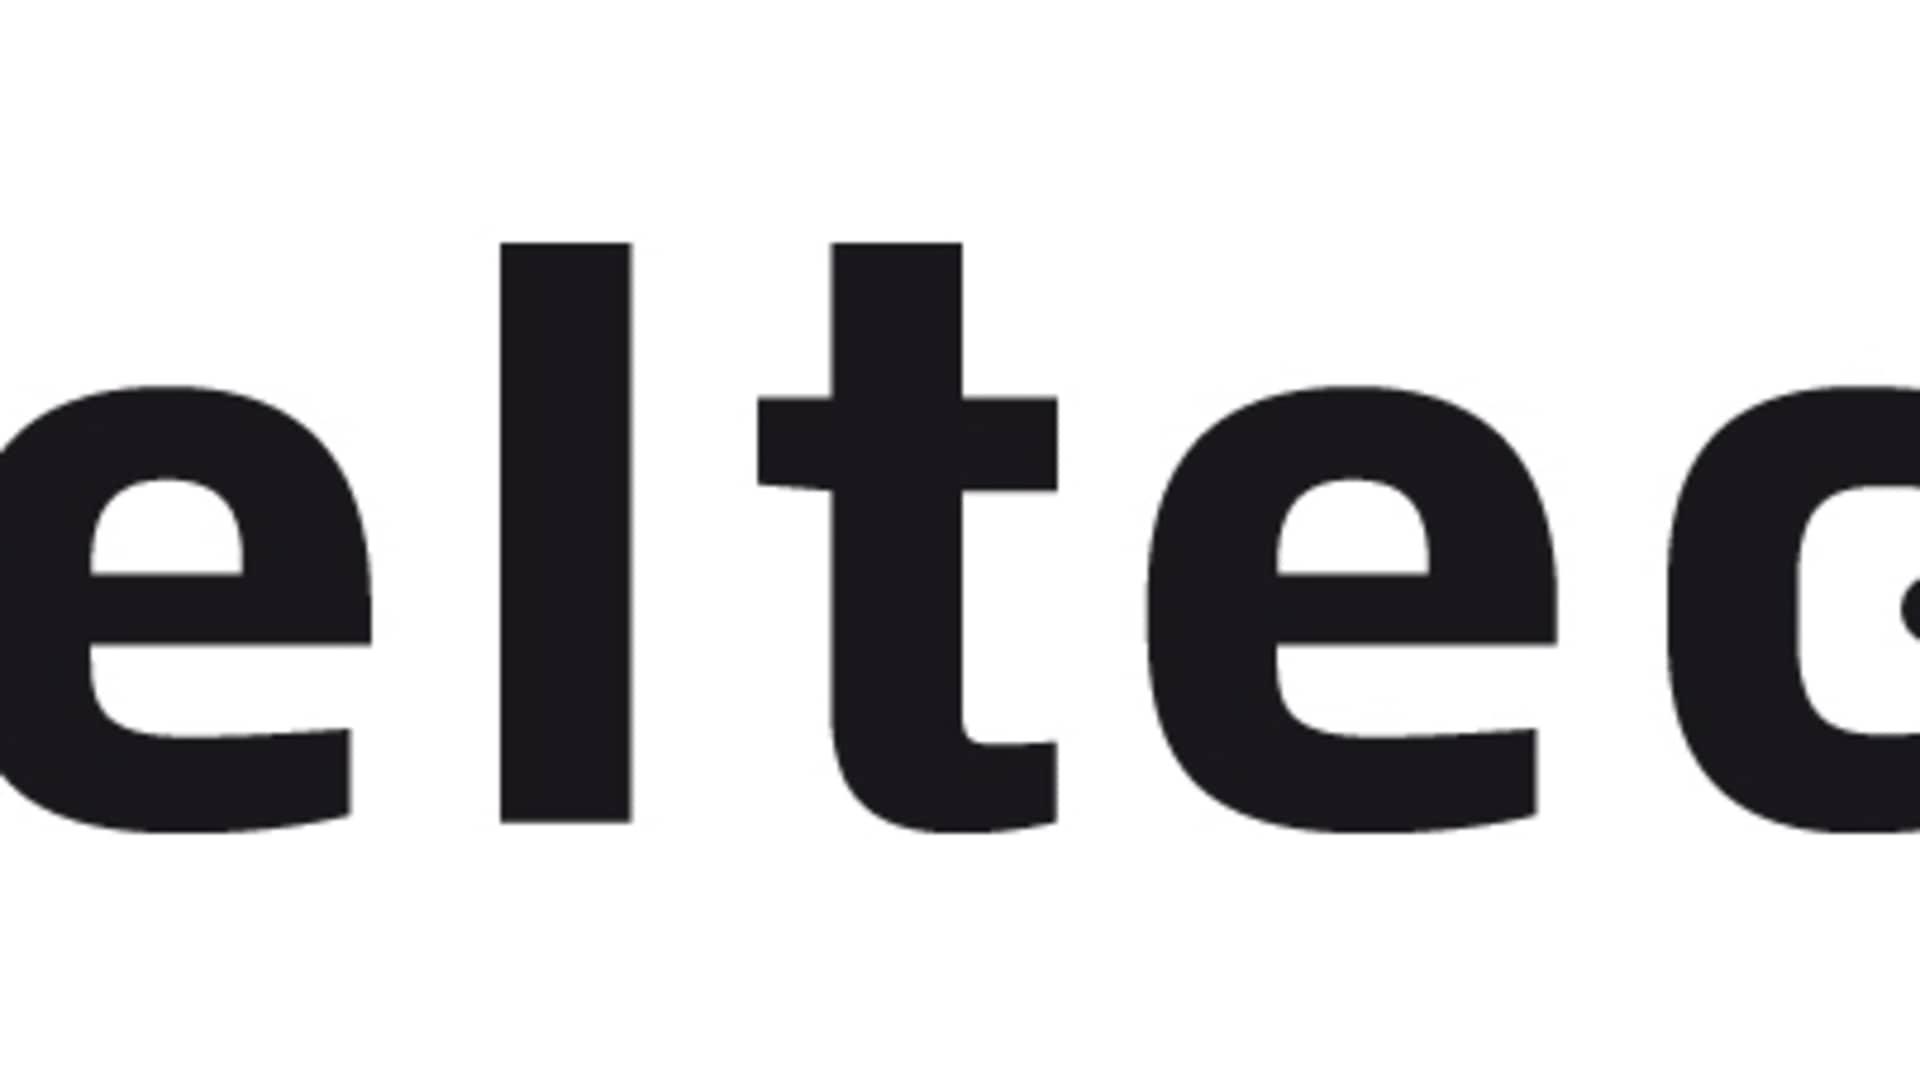 Logo der eltec 2019